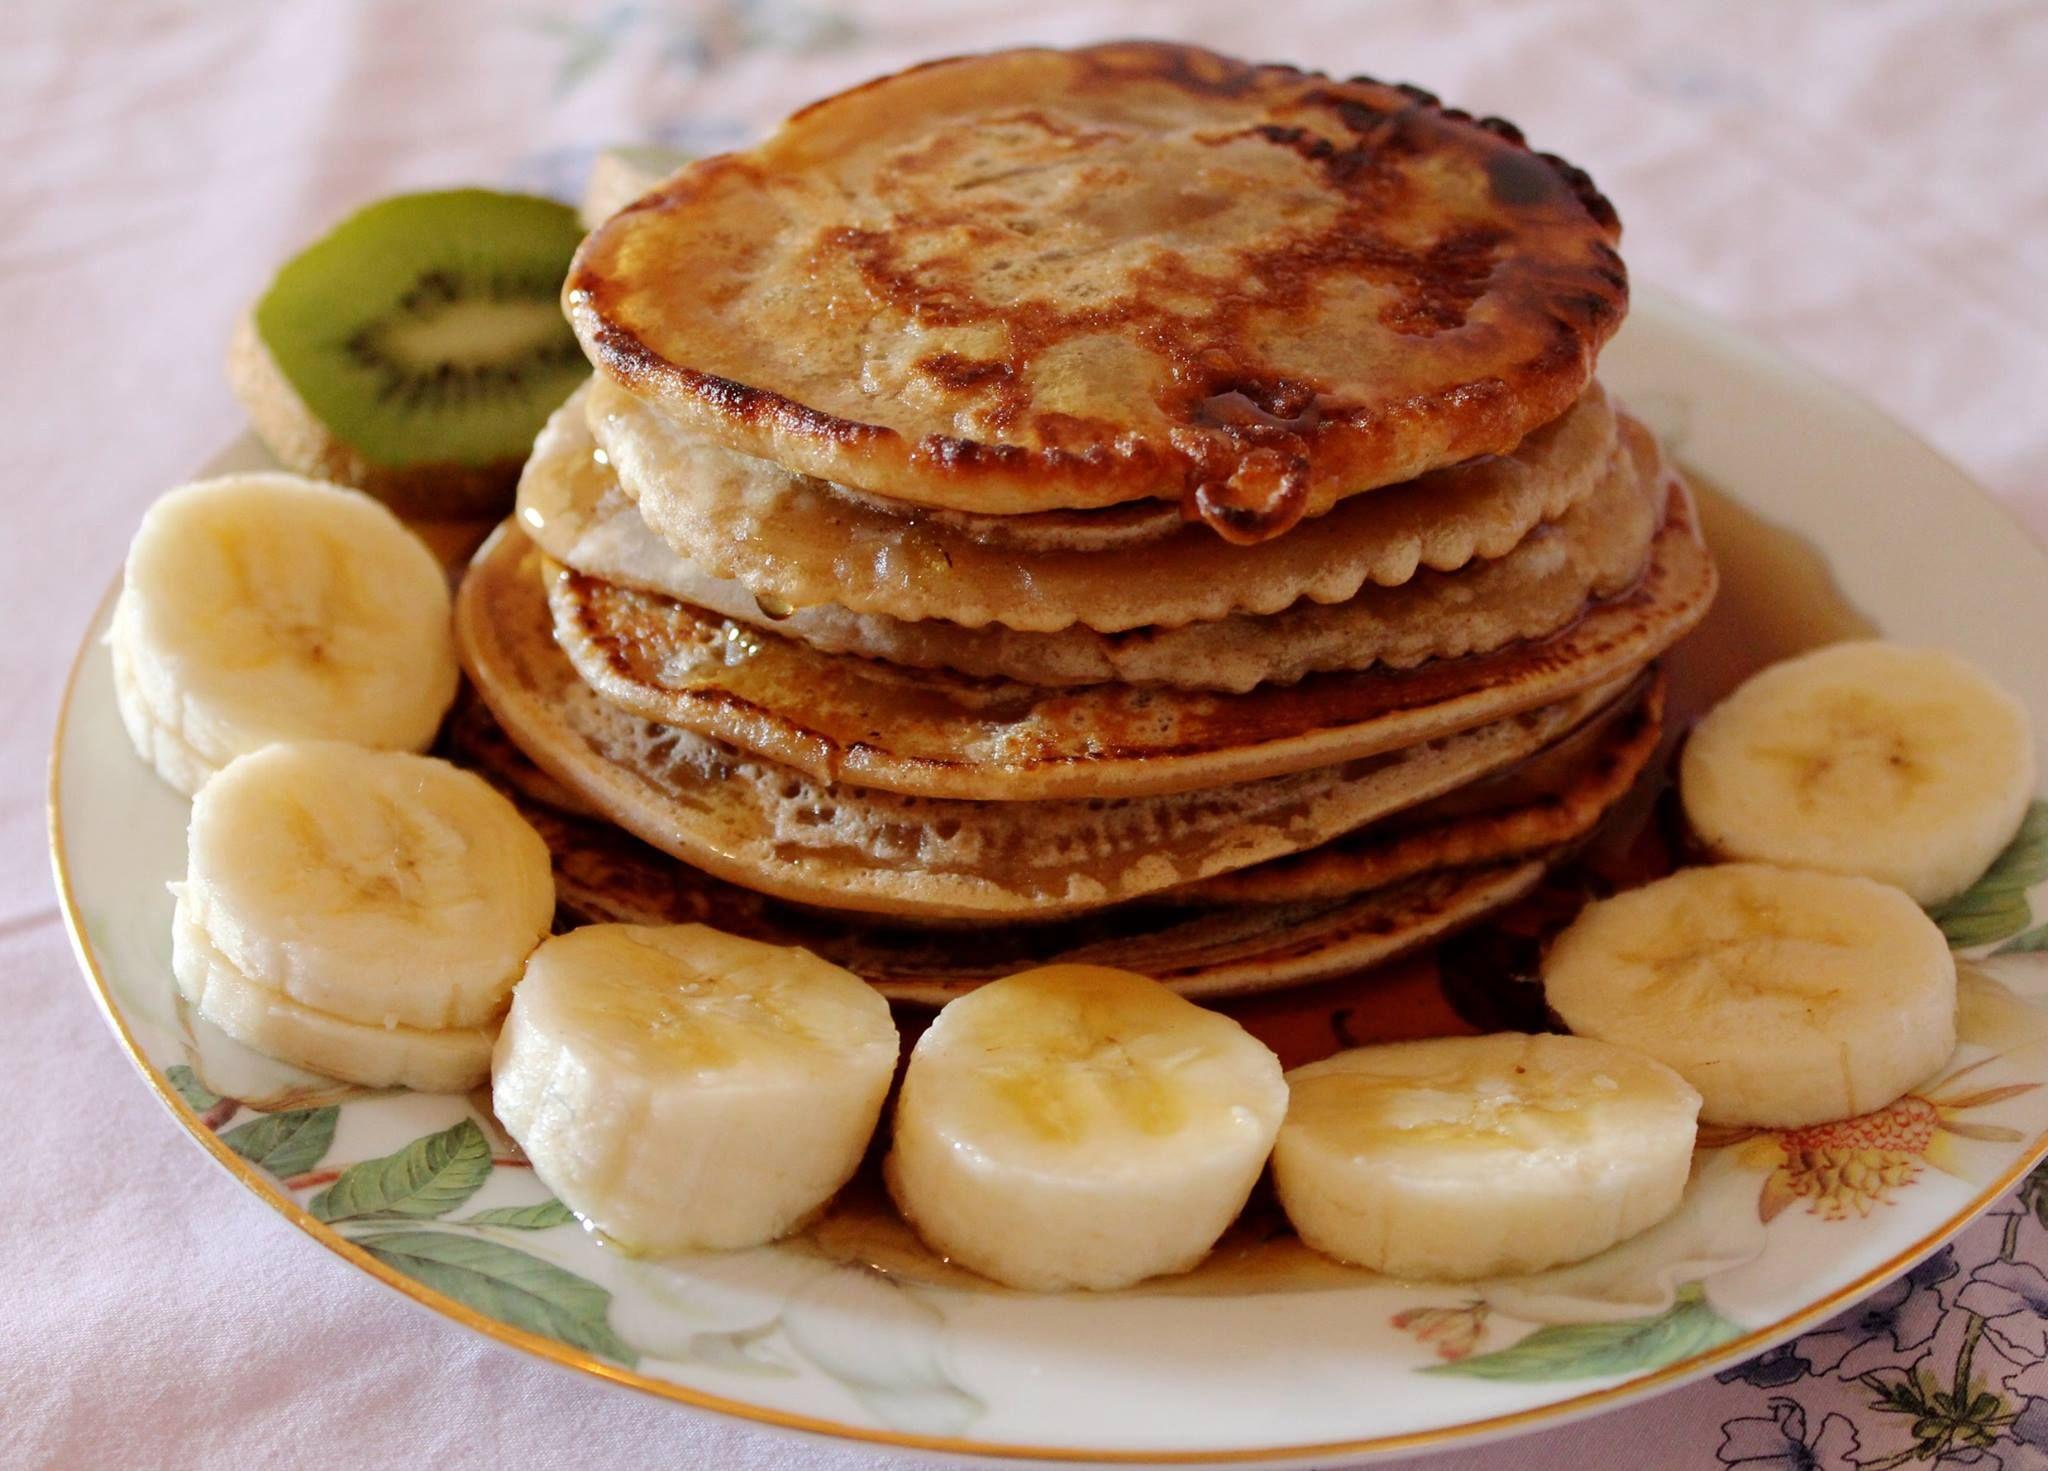 10 pancakes vegan : 1 tasse de n'importe quelle farine 1 tasse de farine de pois chiches 2 tasses d'eau 1 cuillère à soupe de sucre 1 cc de vanille 1 pincée de cannelle Mélanger farines + eau jusqu'à obtenir une consistance homogène. Ajouter sucre + vanille + cannelle et remuer. Couvrir et laisser reposer une nuit à température ambiante. Le lendemain graissez votre poêle et faire cuire sur feu moyen jusqu'au doré, en tournant une fois.